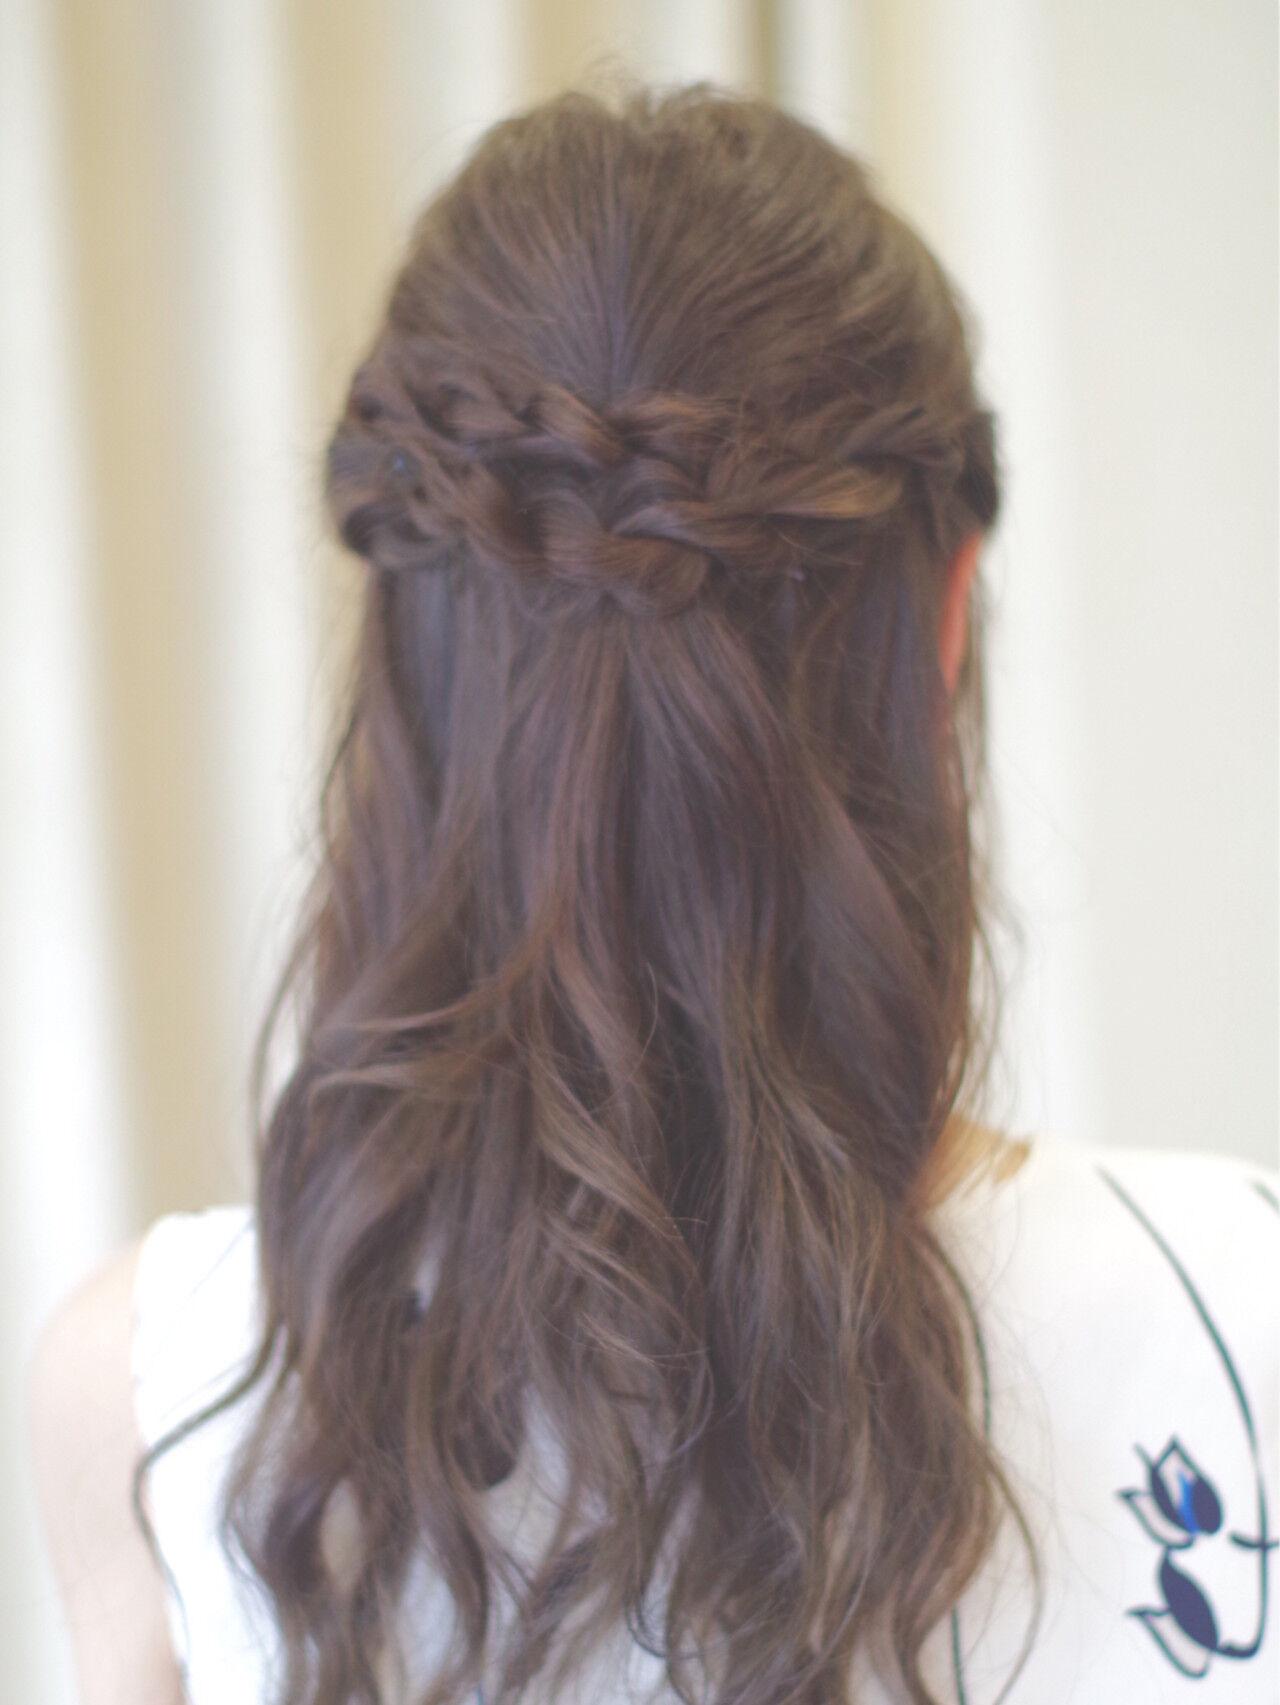 ハーフアップ ロング パーティ 結婚式ヘアスタイルや髪型の写真・画像